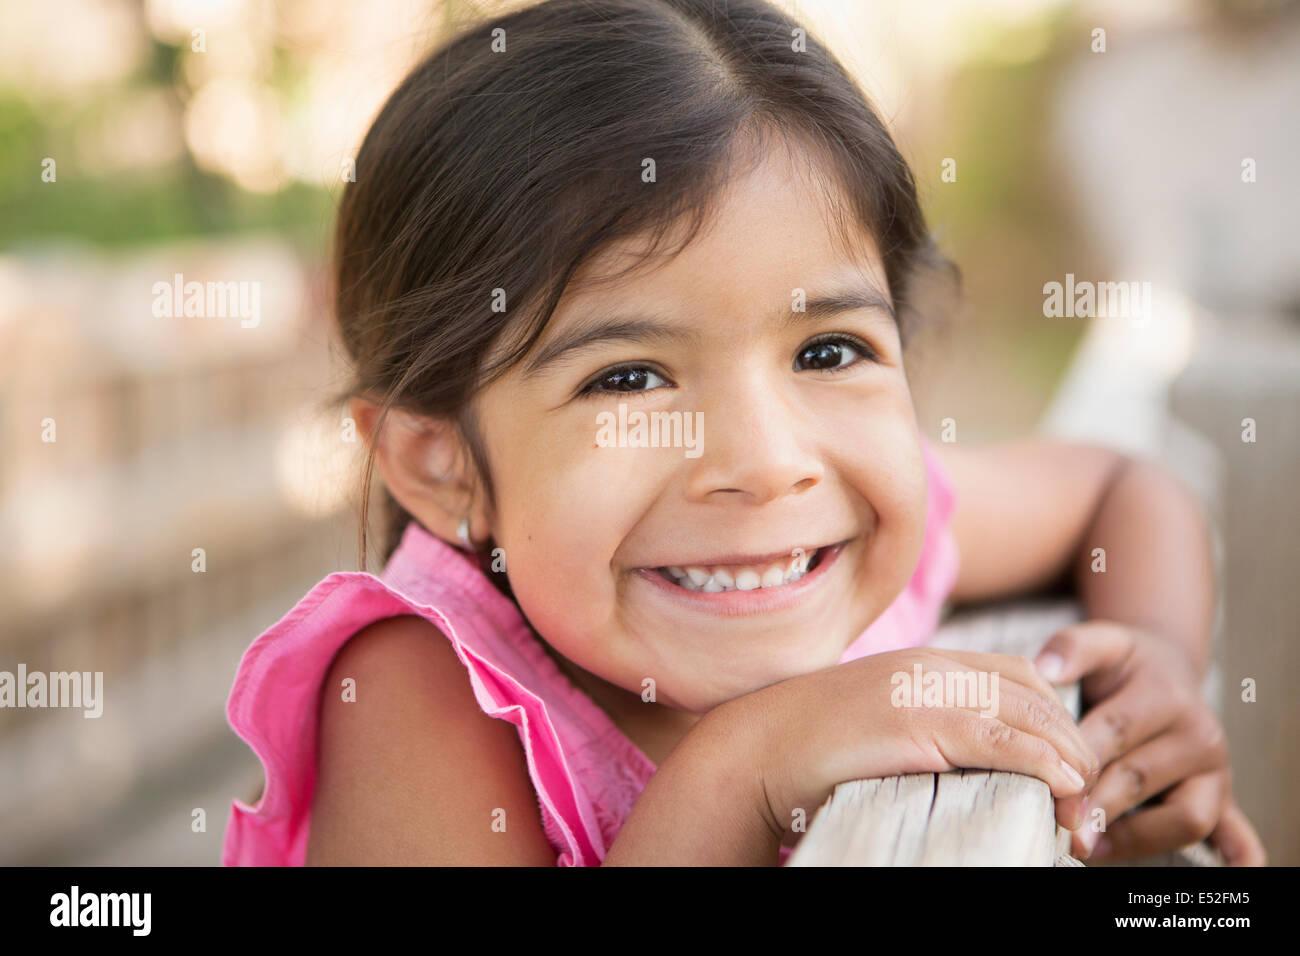 Un jeune enfant, une jeune fille souriant à la caméra. Photo Stock